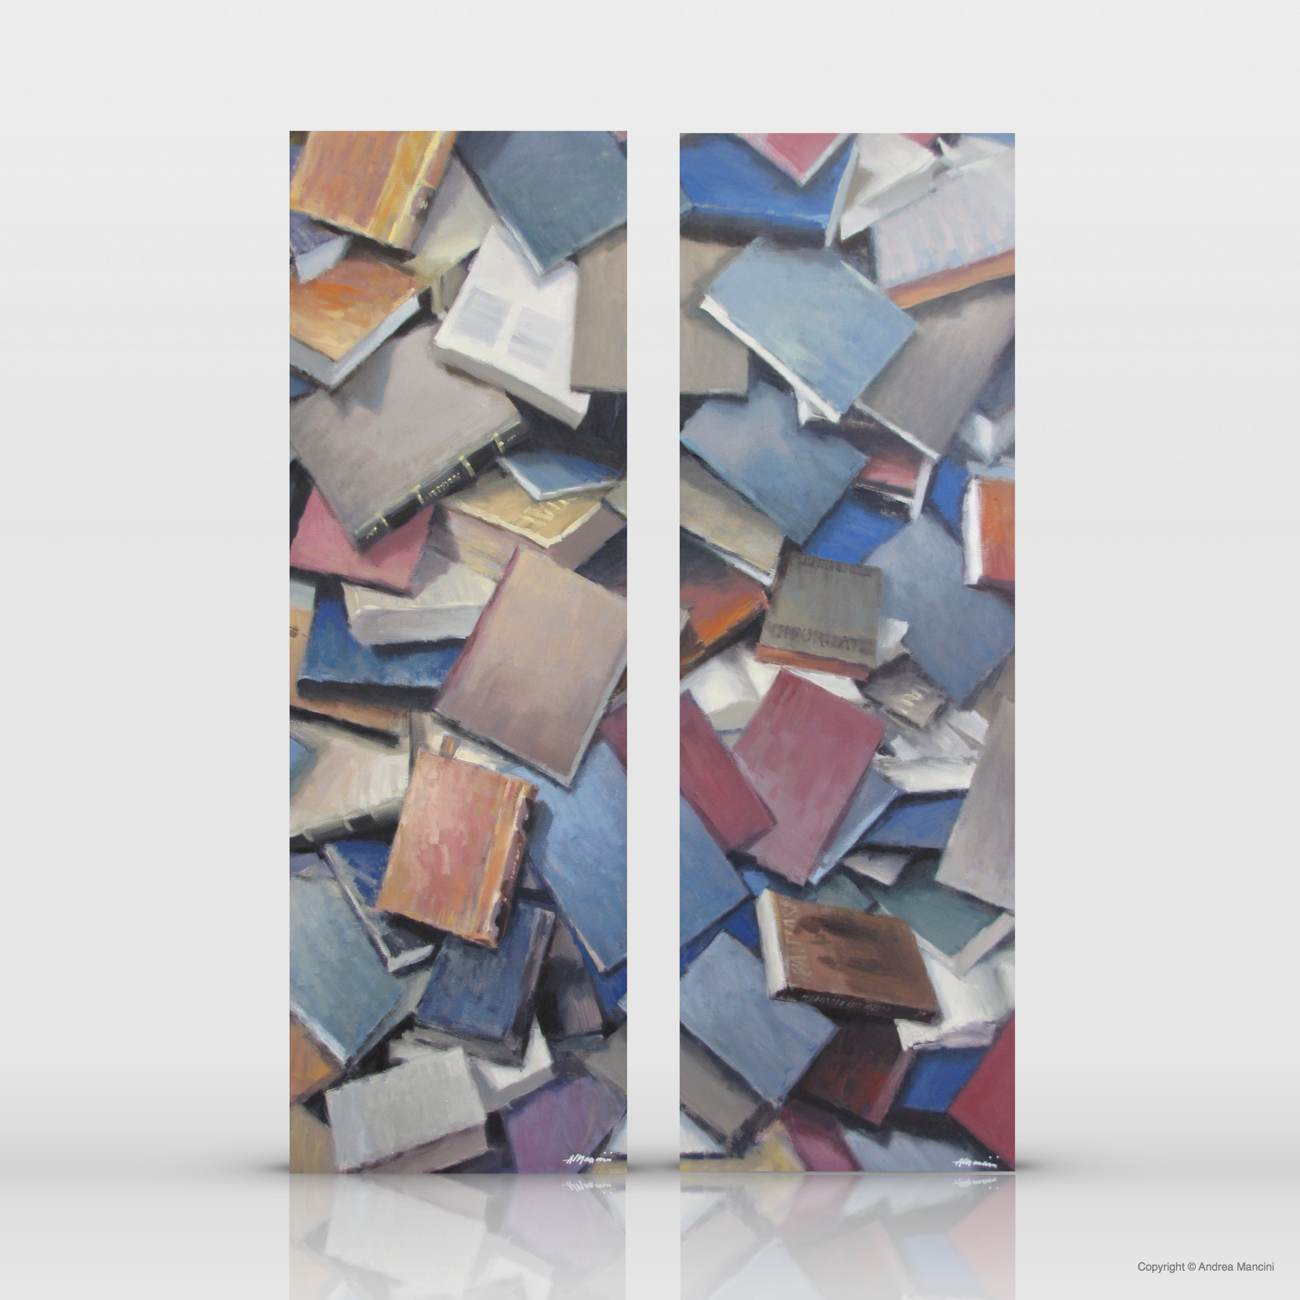 01363 01364 Dittico dei libri, 2011, olio su tela cm 120x80